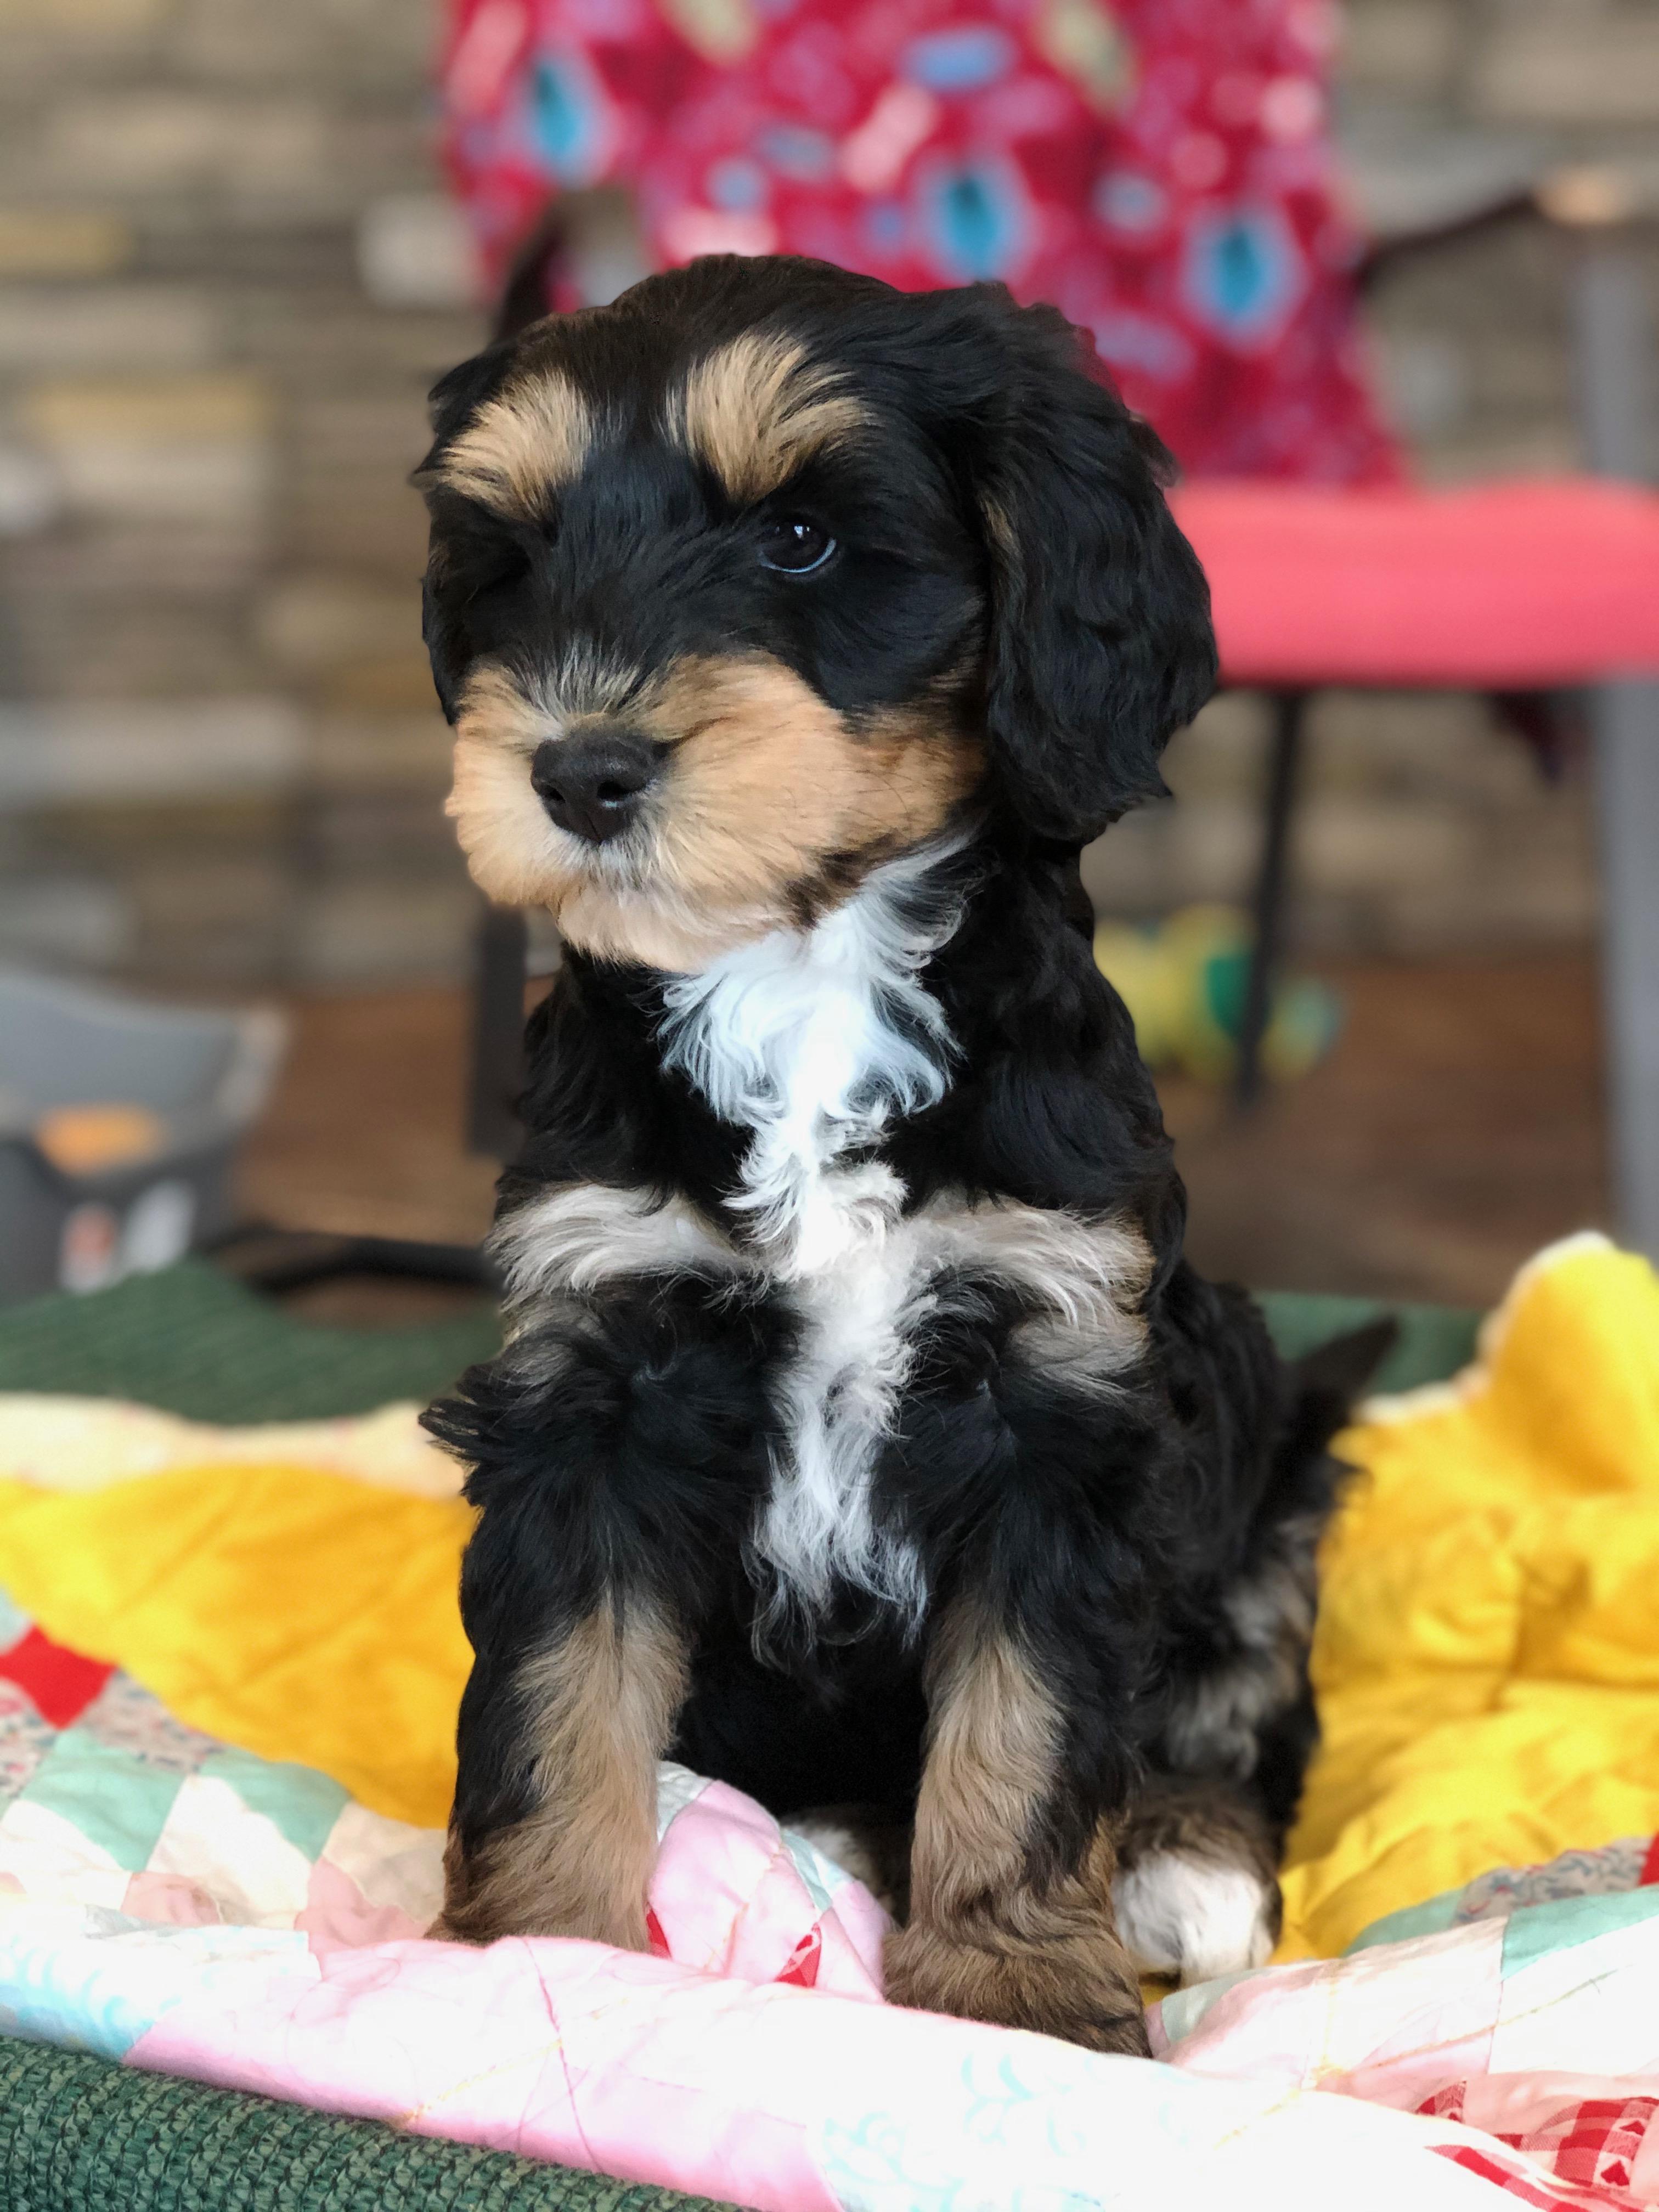 Huck as a puppy